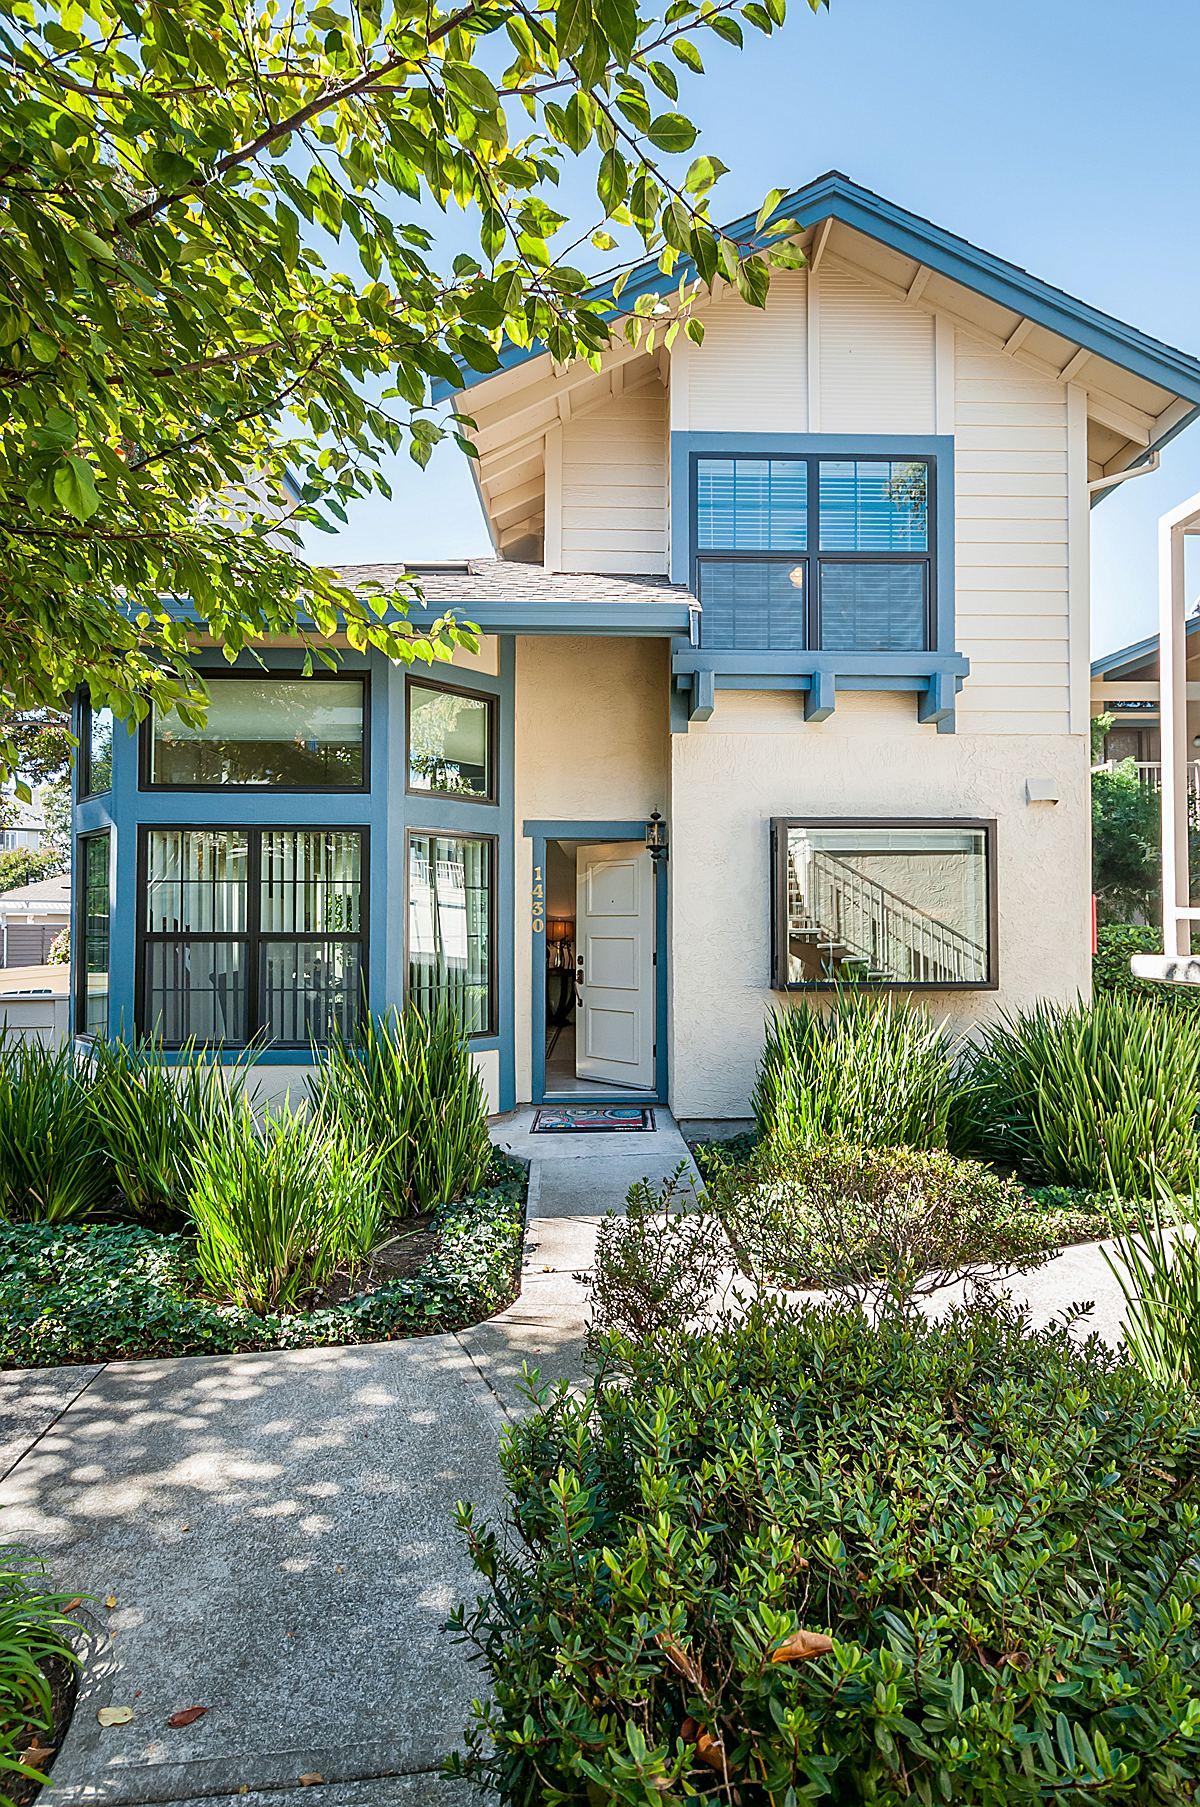 1430 Via Vis, San Mateo, CA 94404